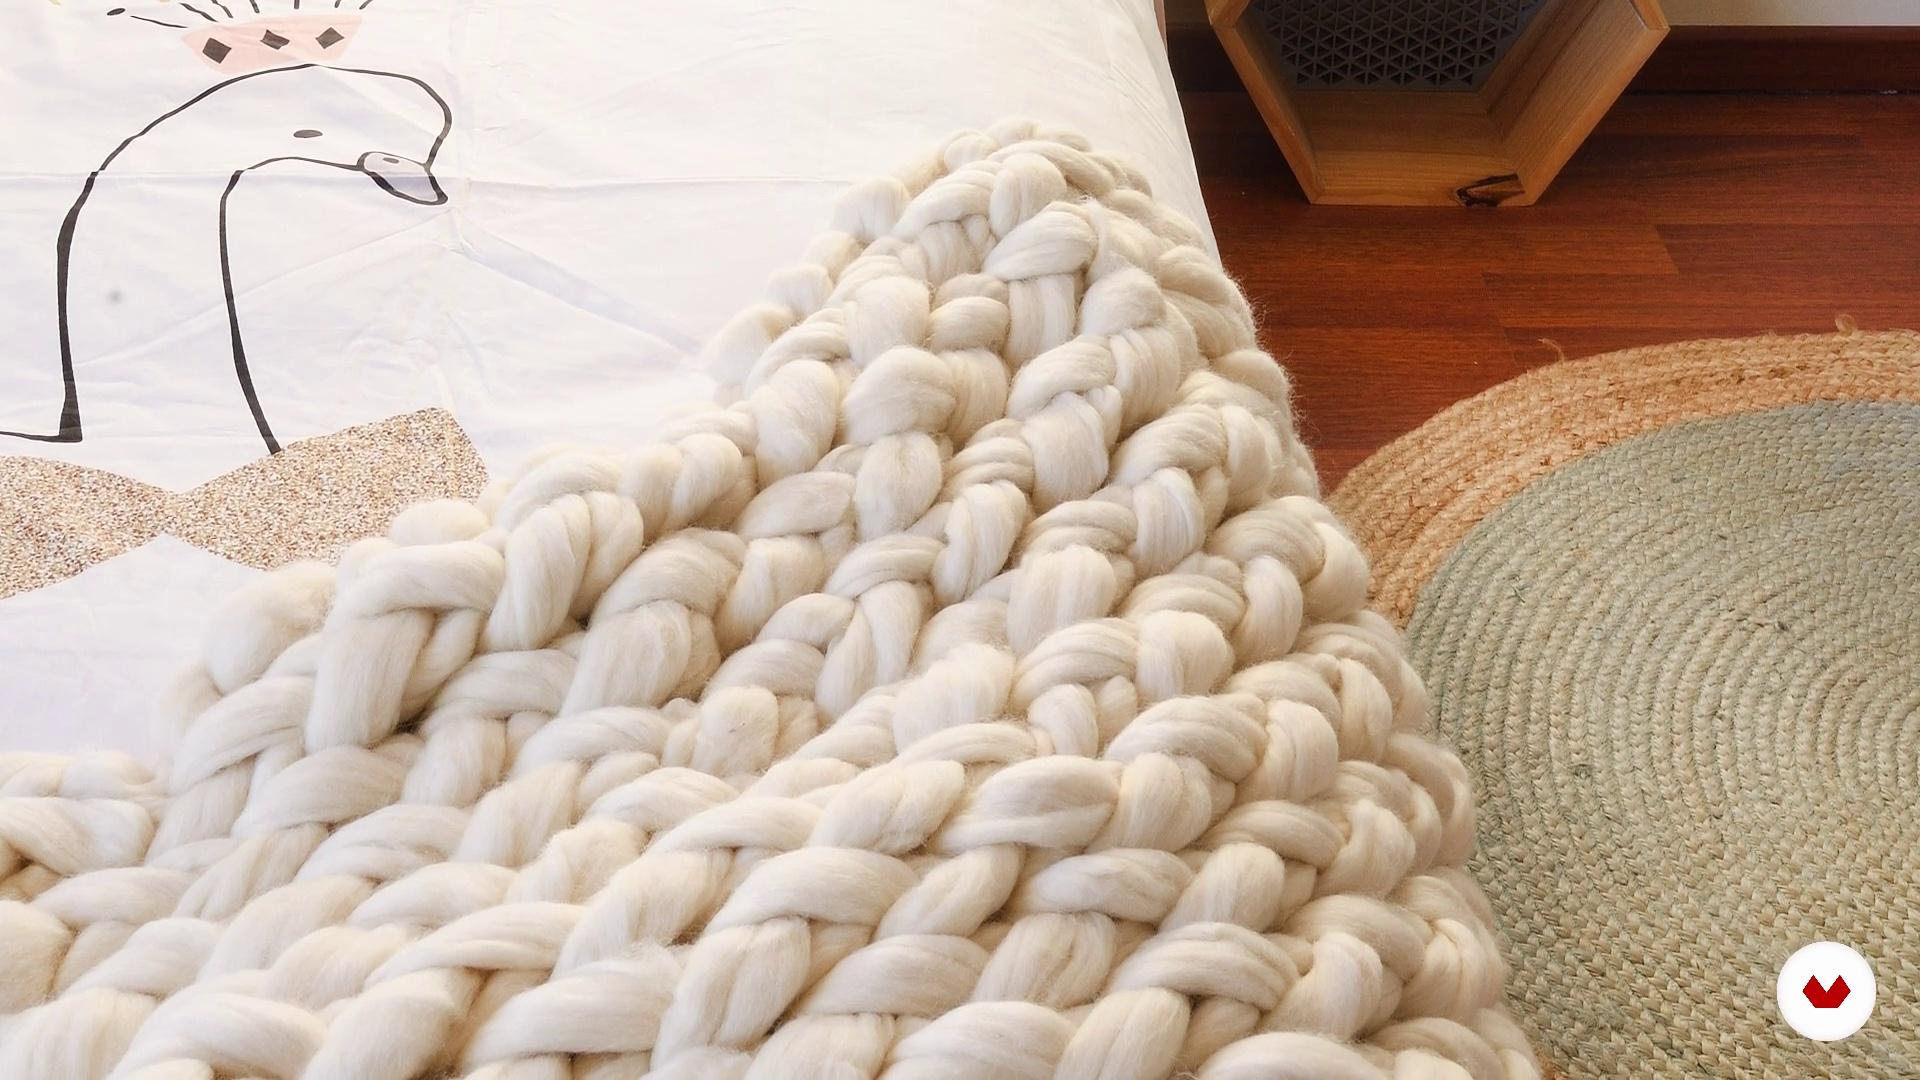 Wie Viel Wolle Brauche Ich Um Meine Decke Zu Machen Einfuhrung In Das Armstricken Und Wollfarben Inspiratemirando Domestika